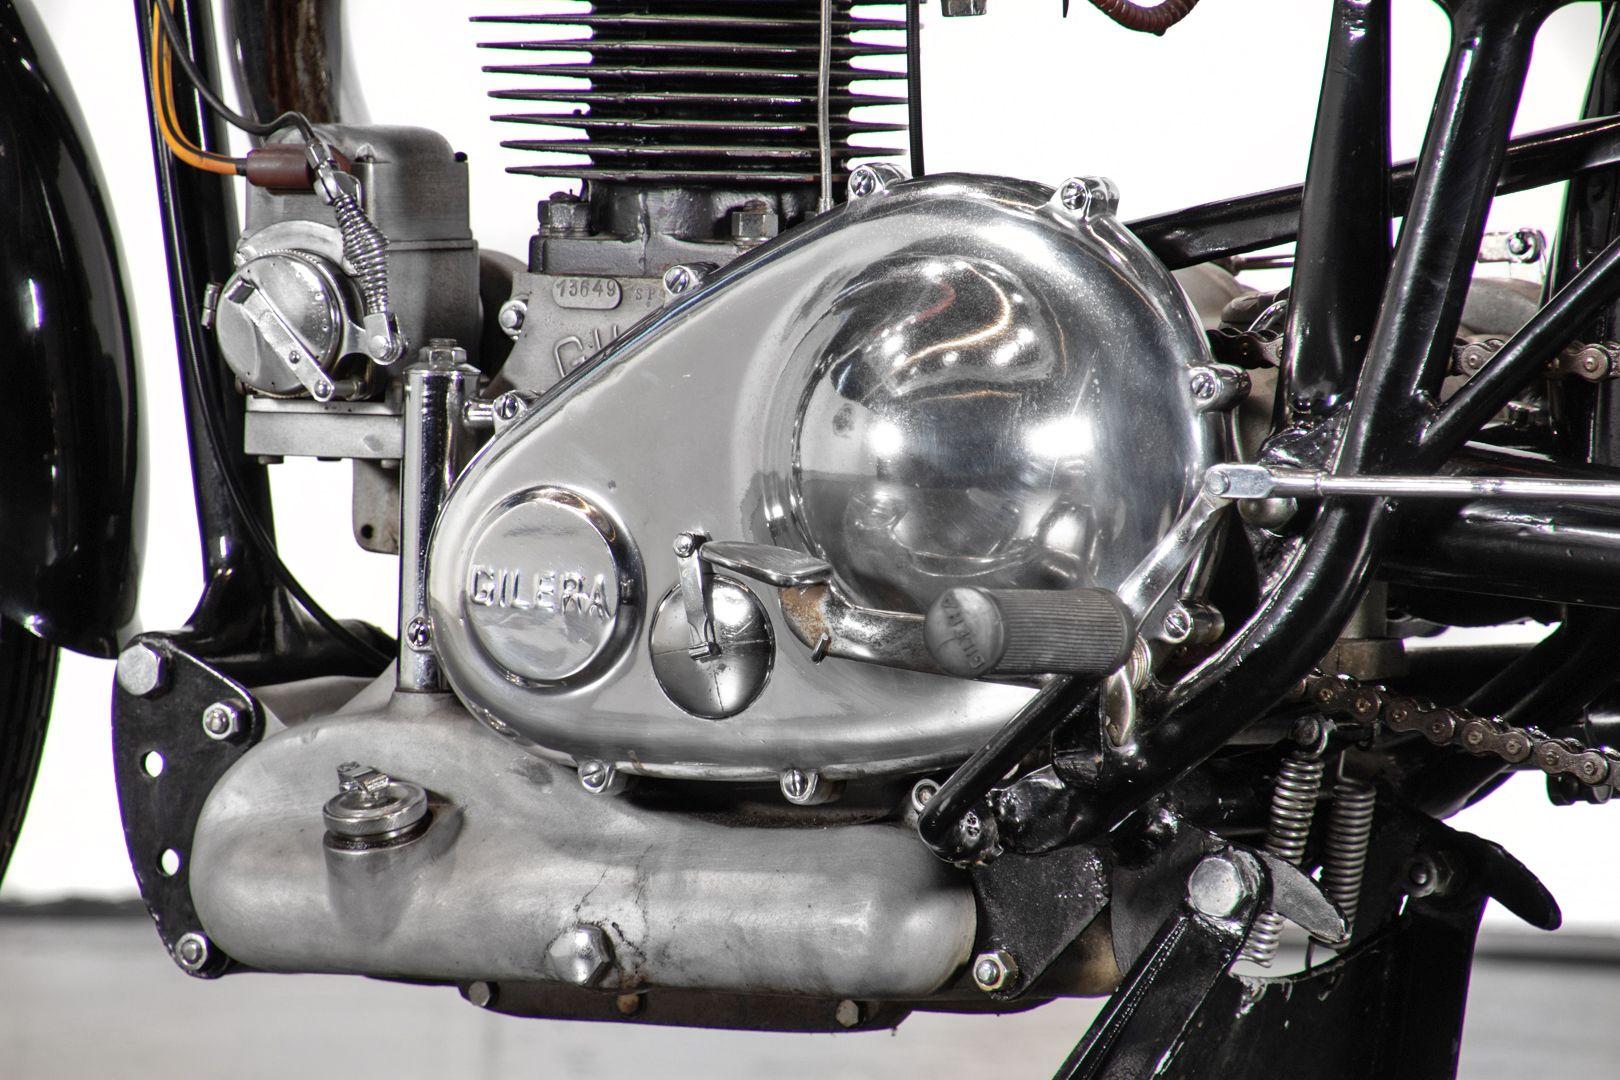 1940 Gilera 500 8 Bulloni 71573